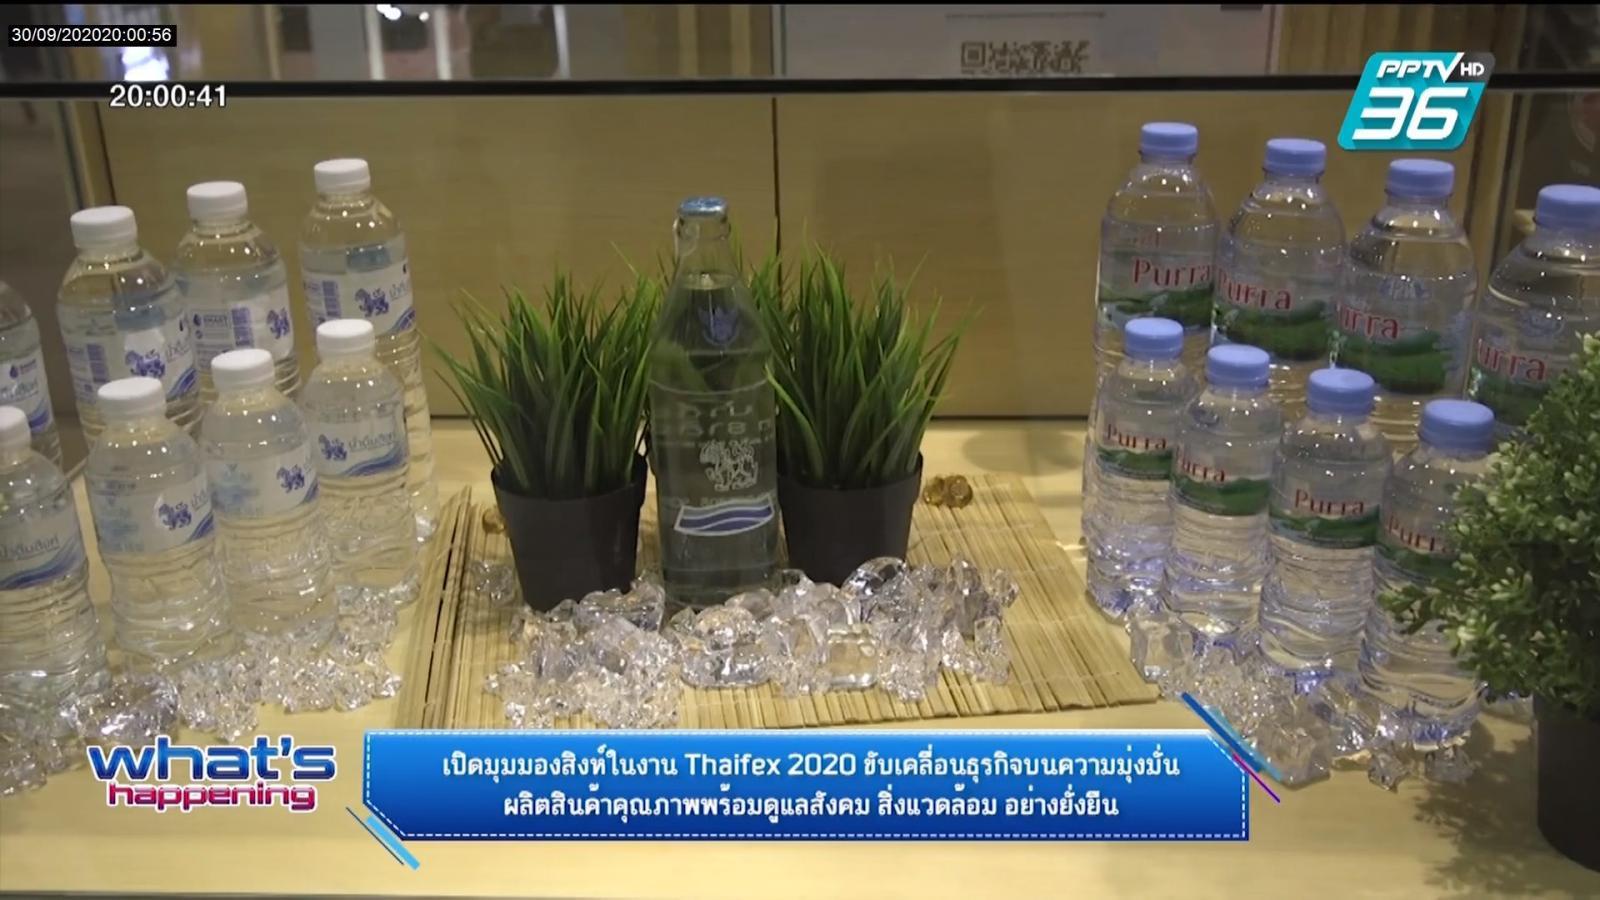 เปิดมุมมองสิงห์ในงาน Thaifex 2020